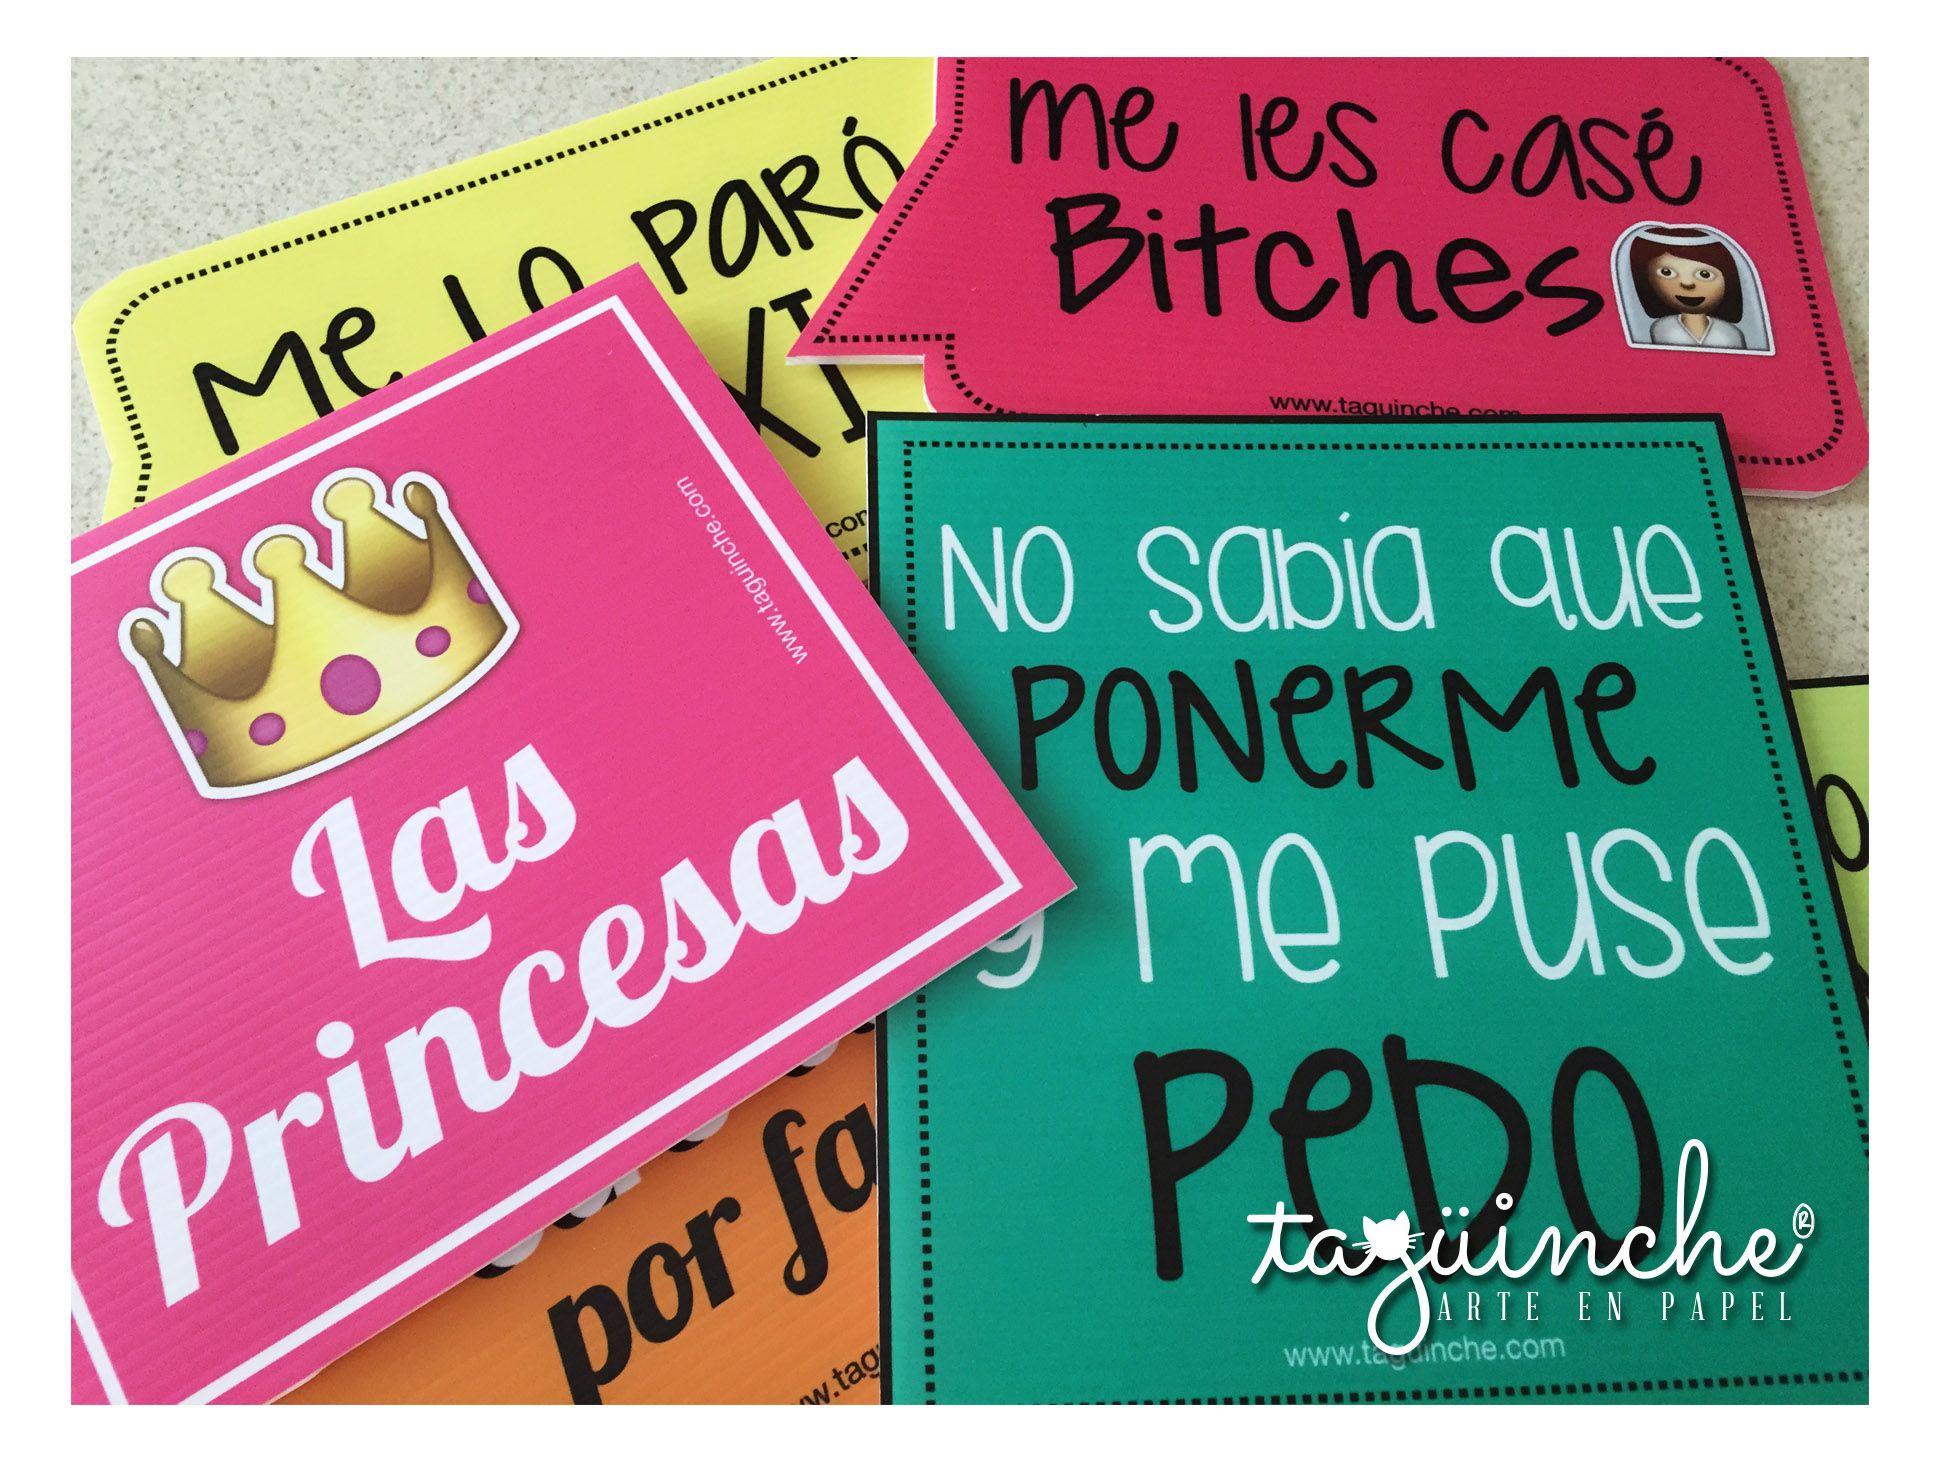 Letreros para boda www.taguinche.com | frases | Pinterest | Letreros ...